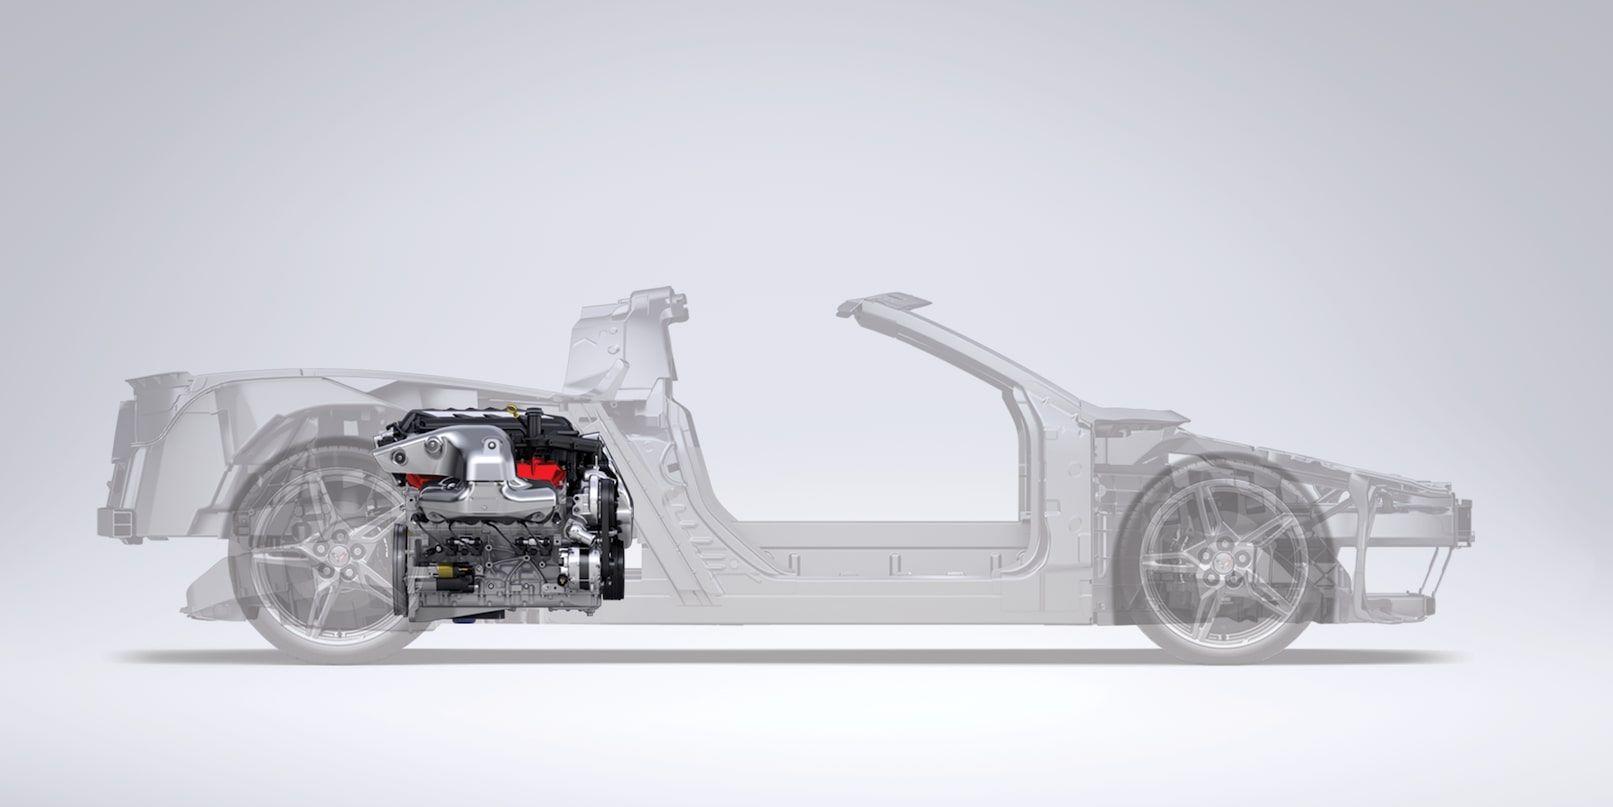 2020-corvette-reveal-design-frame